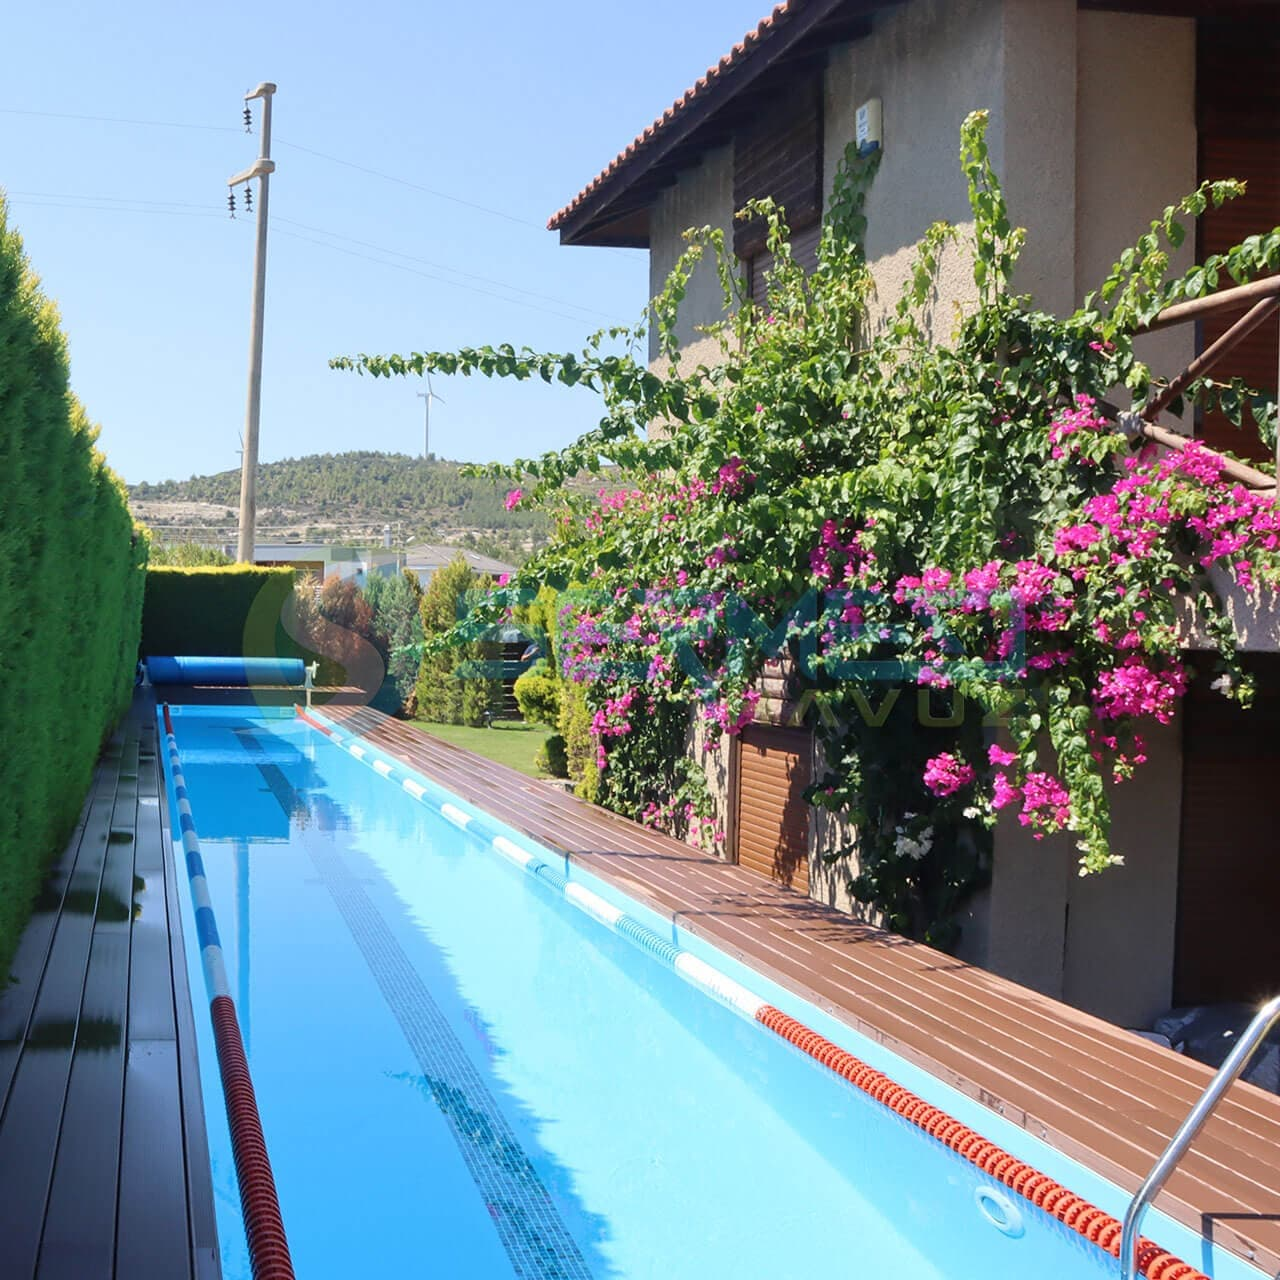 İzmir Harun Bey Fipool Zeminüstü Kulvar Havuz Sermed Havuz Firması tarafından yapıldı.